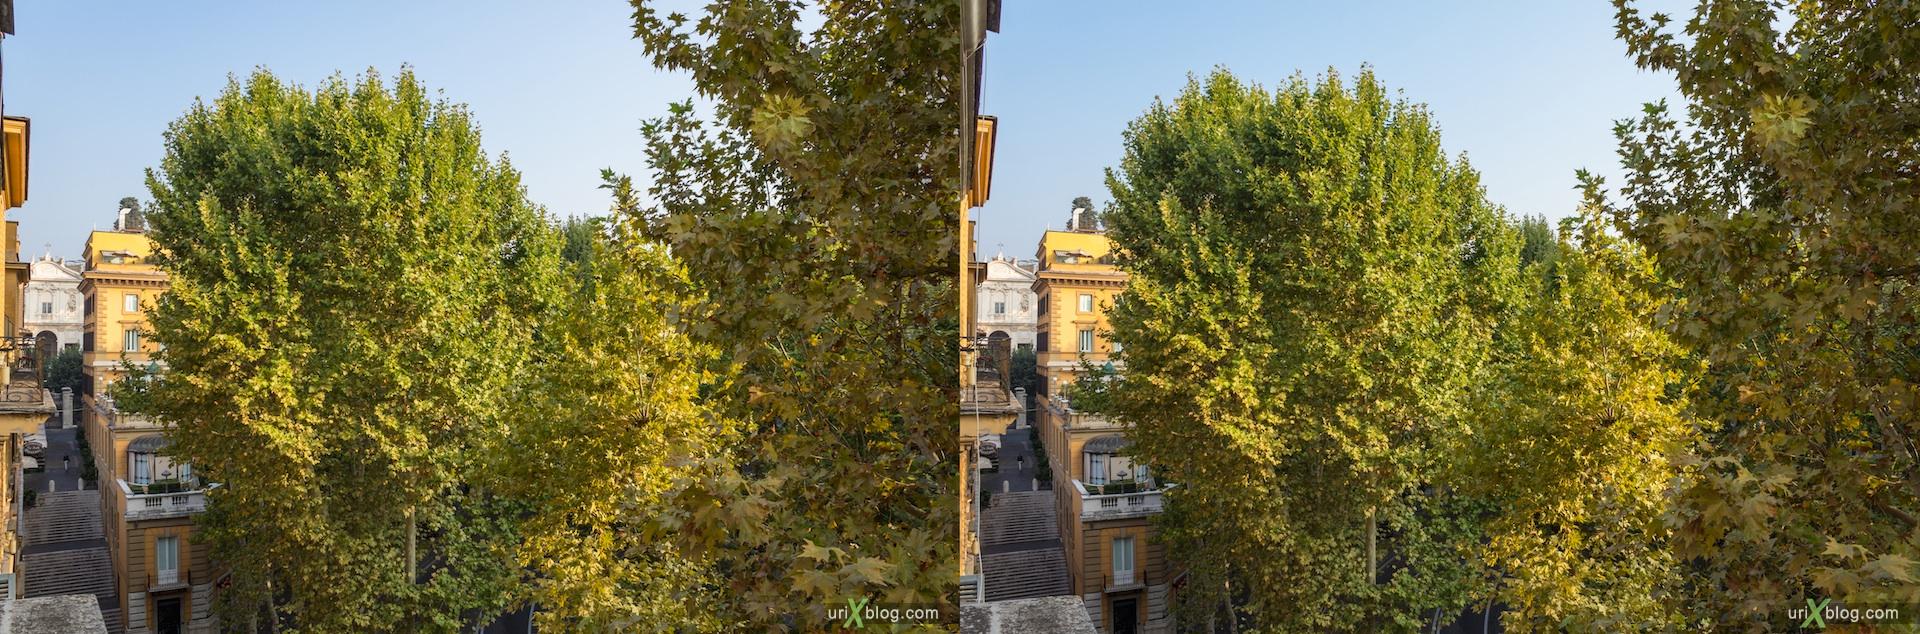 2012, вид из окна, отель, улица Vittorio Veneto, Рим, Италия, осень, 3D, перекрёстные стереопары, стерео, стереопара, стереопары